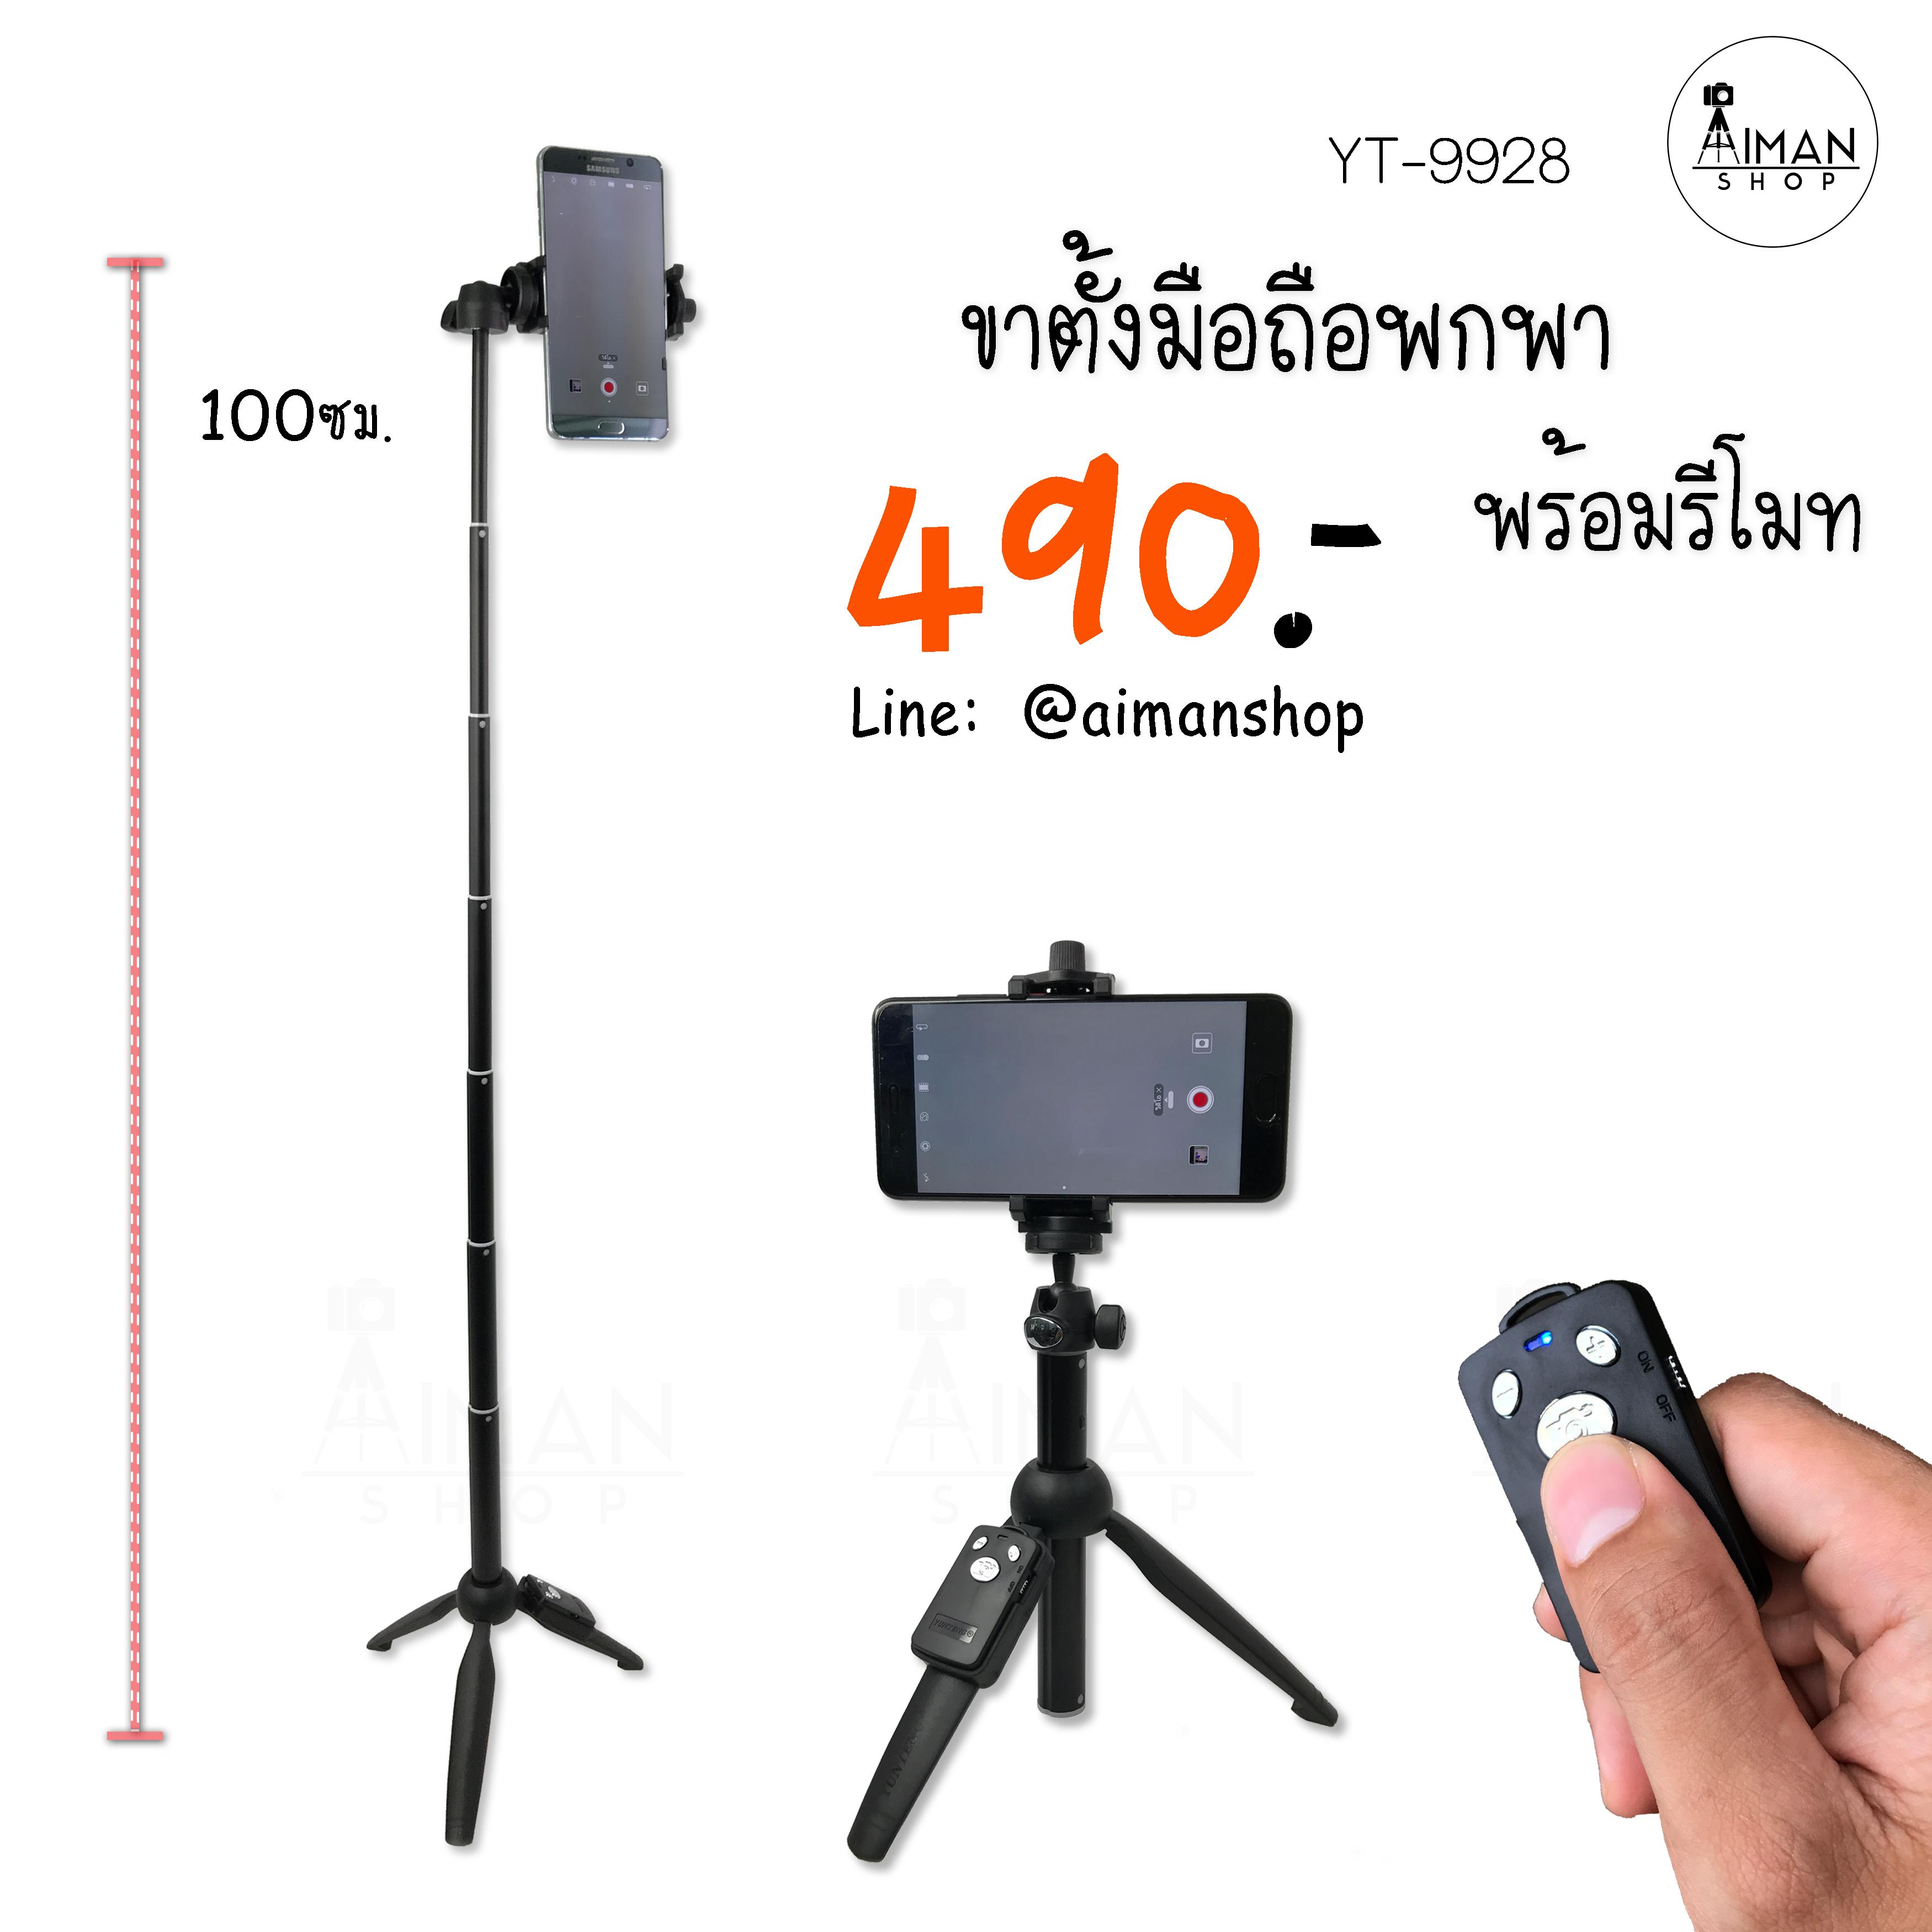 ขาตั้งกล้อง Yunteng รุ่น VCT-9928